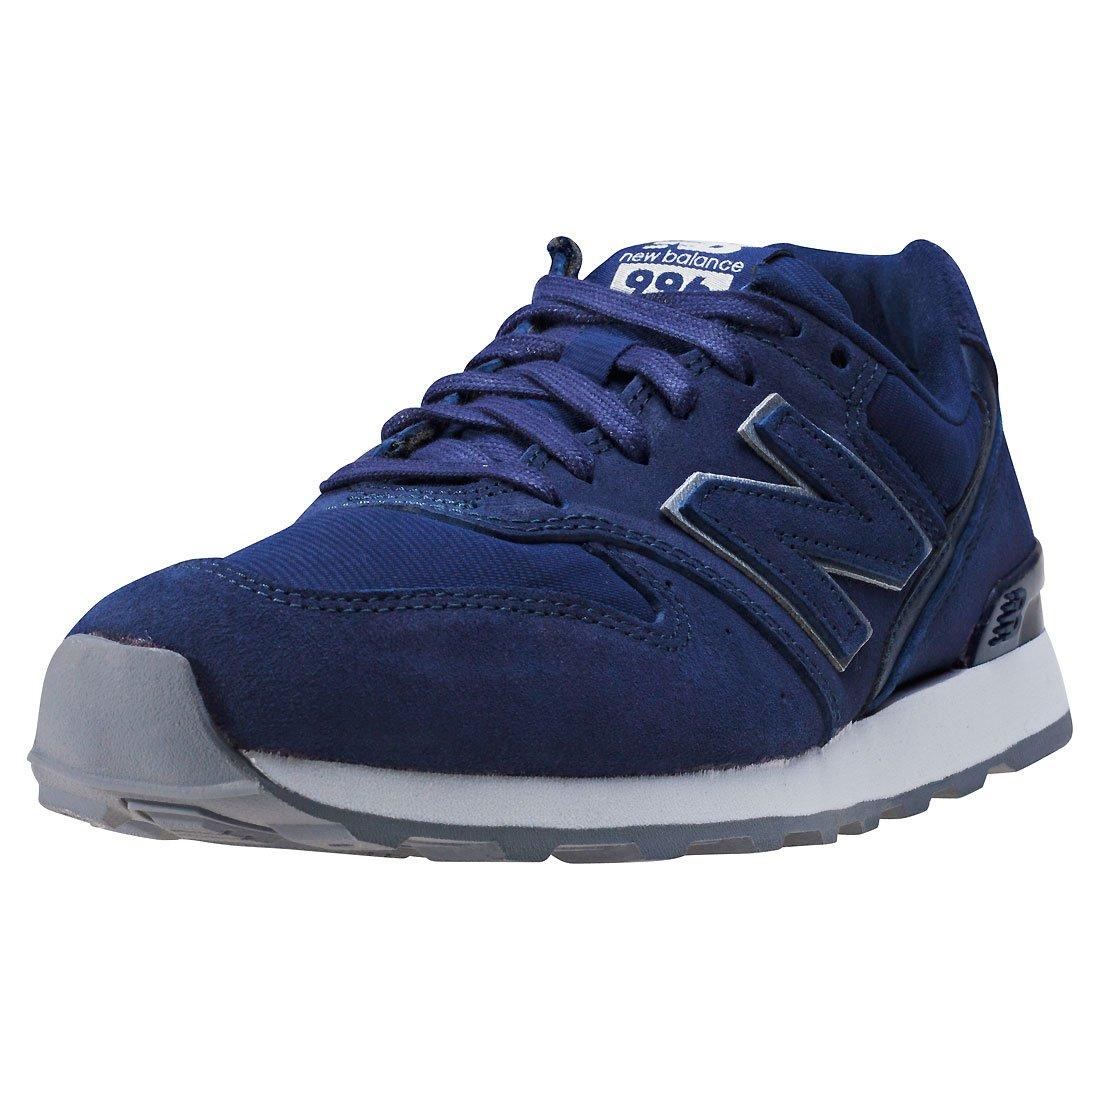 Adidas WR996-HT-D, Zapatillas para Mujer, Morado (Violett Violett), 37 EU 37 EU|Morado (Violett Violett)